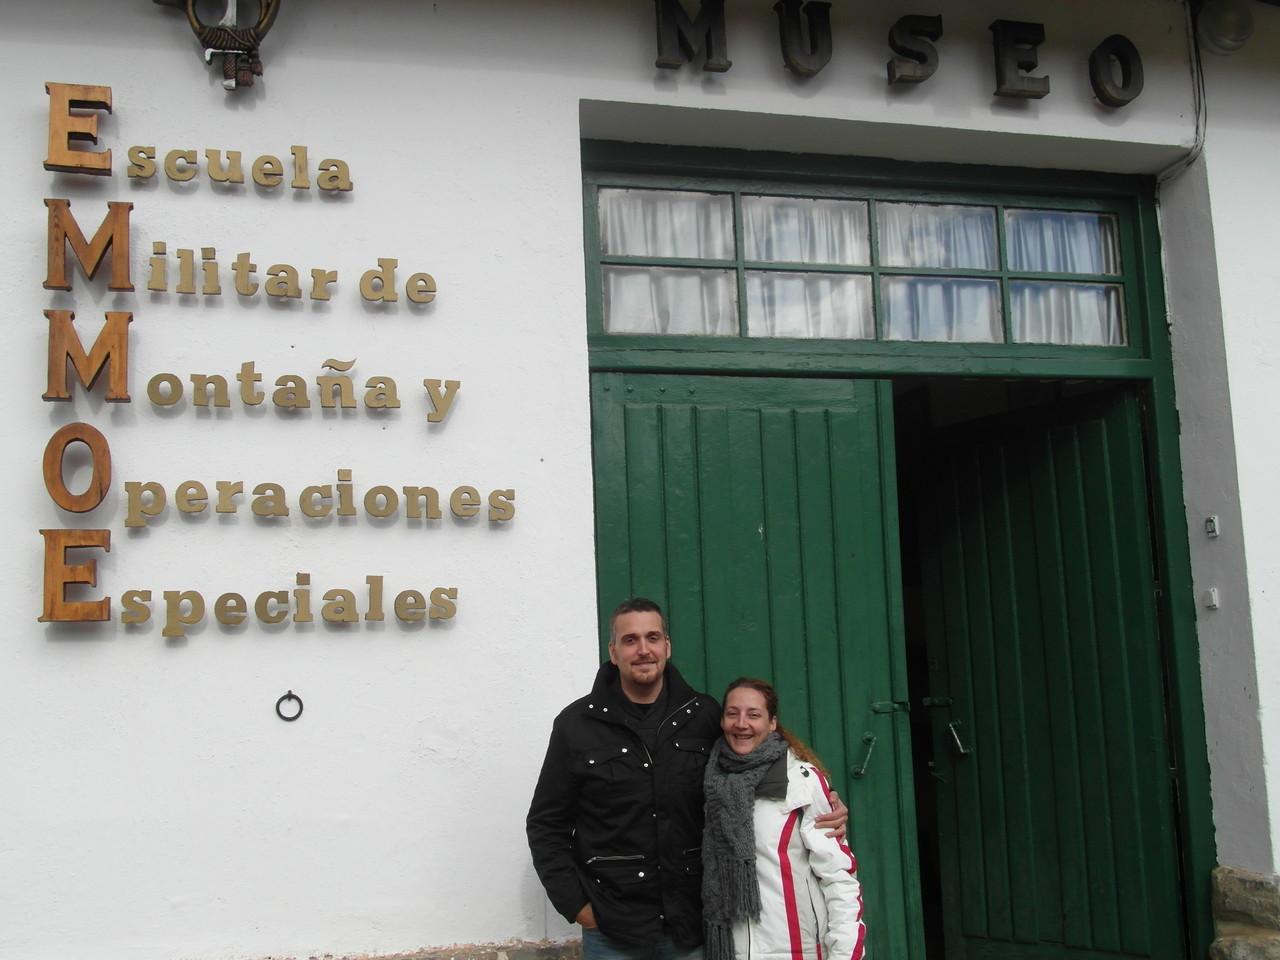 Entrada al museo en Jaca